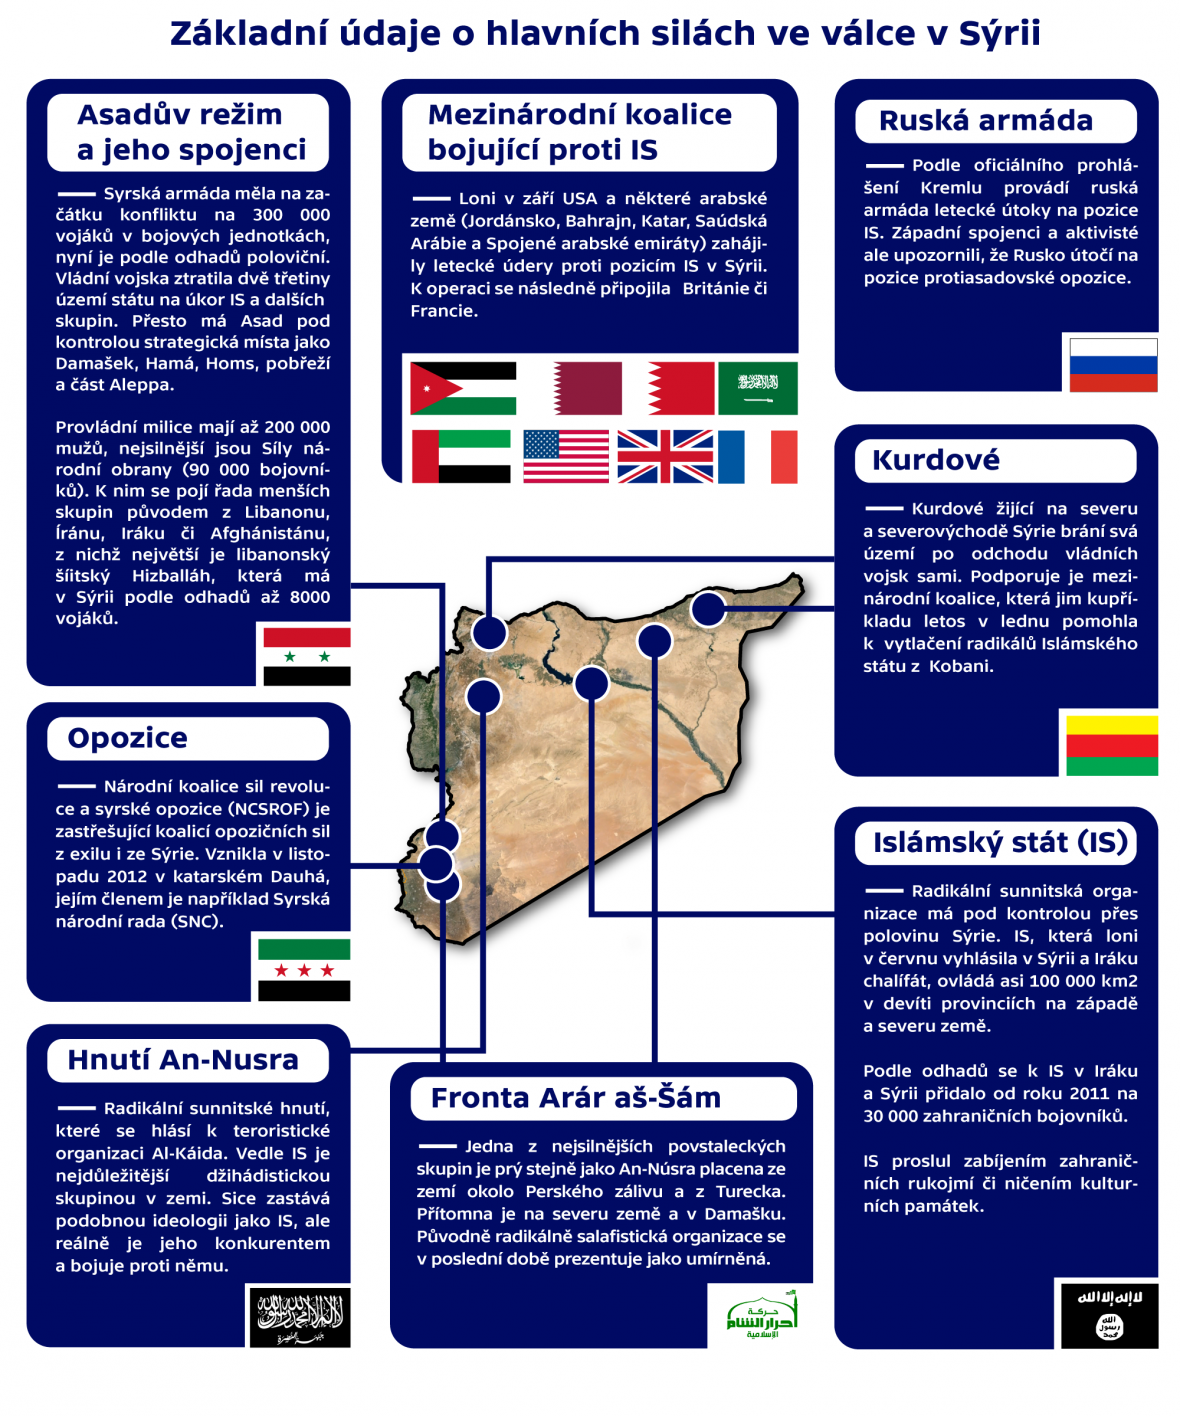 Základní údaje o hlavních silách ve válce v Sýrii: